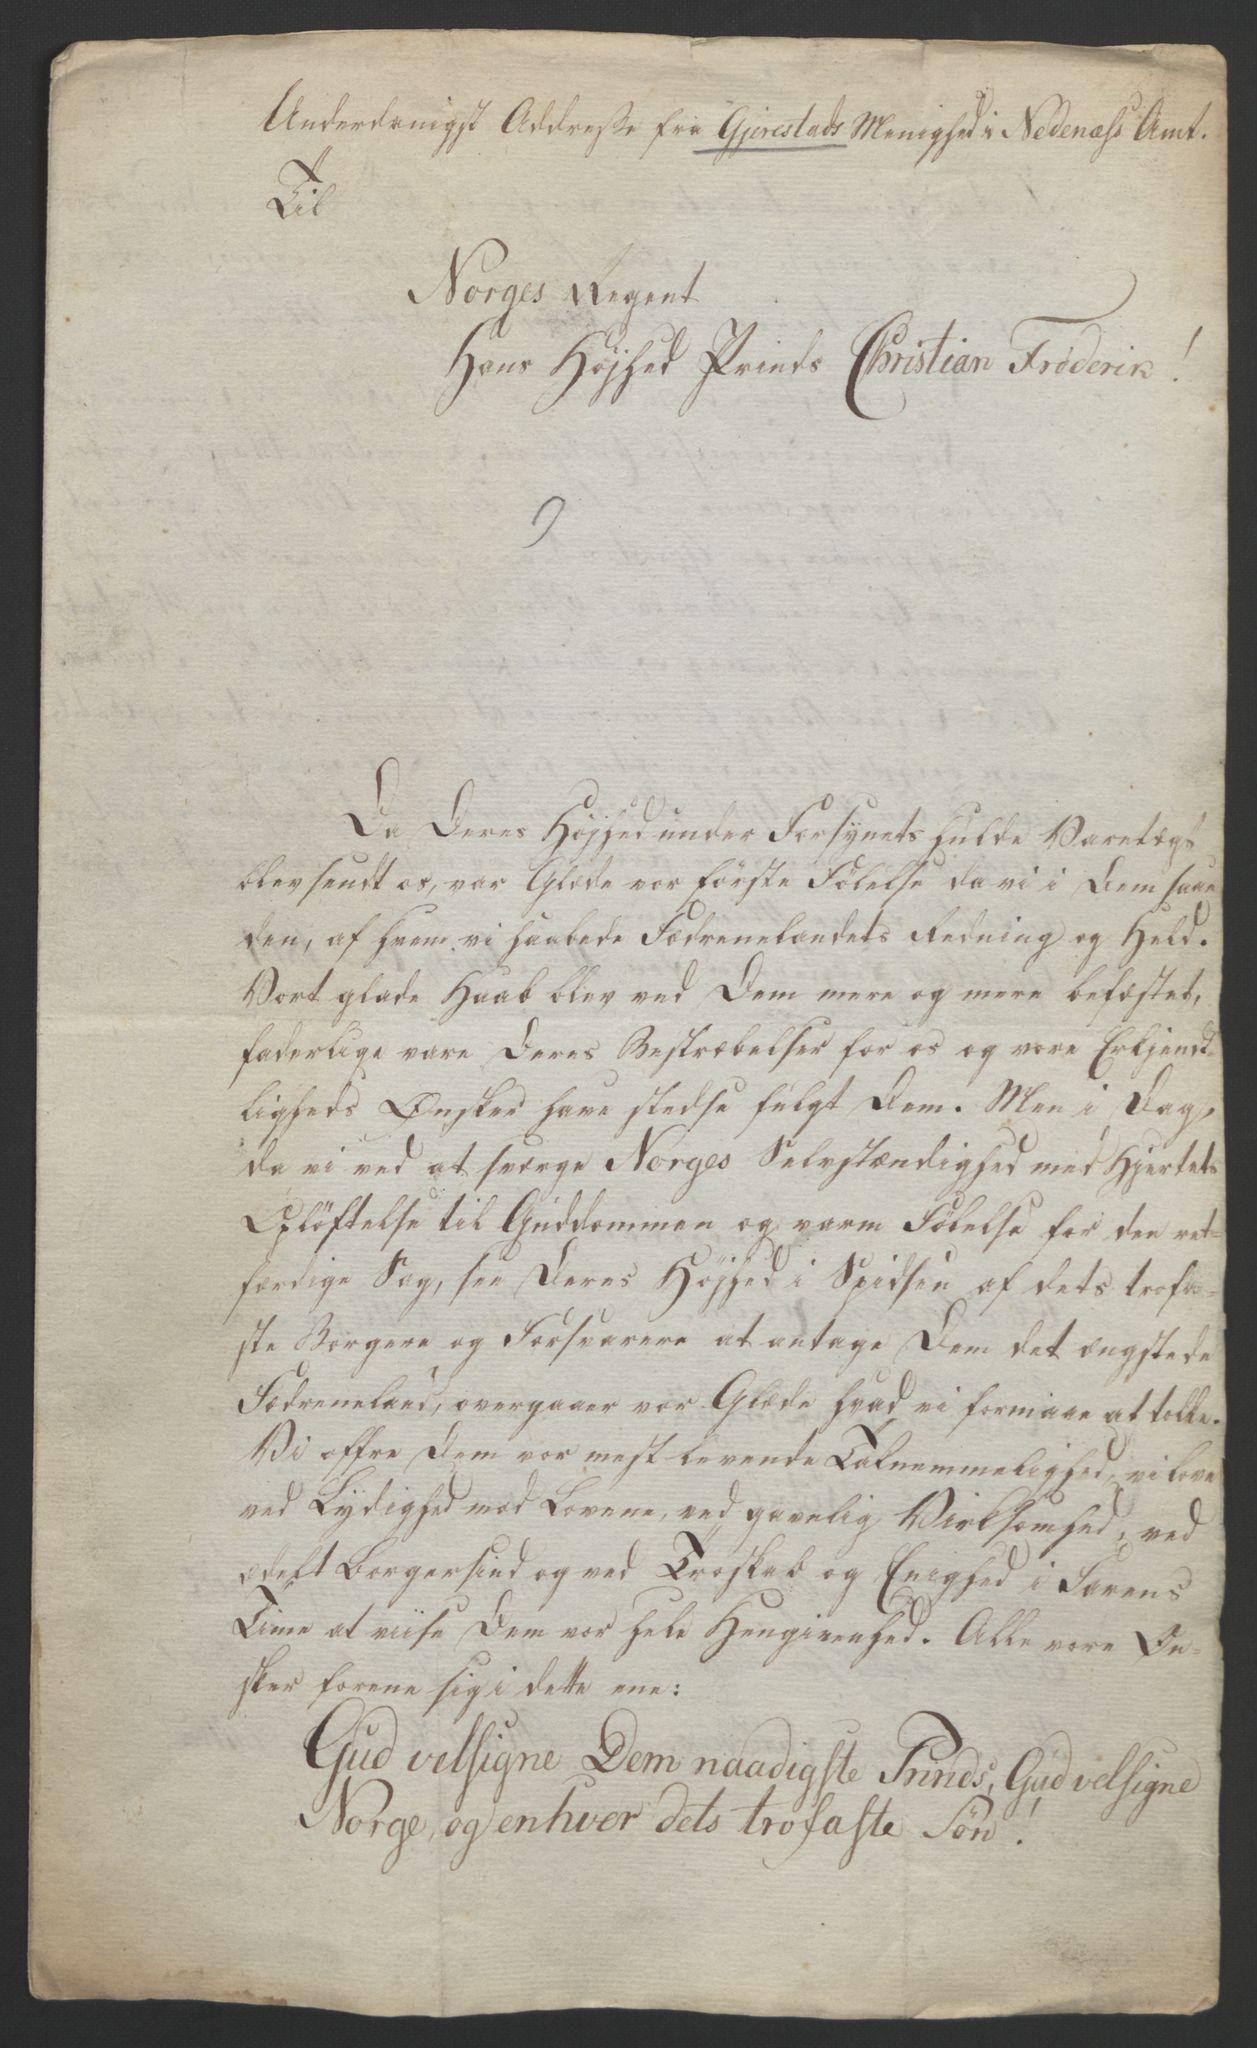 RA, Statsrådssekretariatet, D/Db/L0008: Fullmakter for Eidsvollsrepresentantene i 1814. , 1814, s. 82